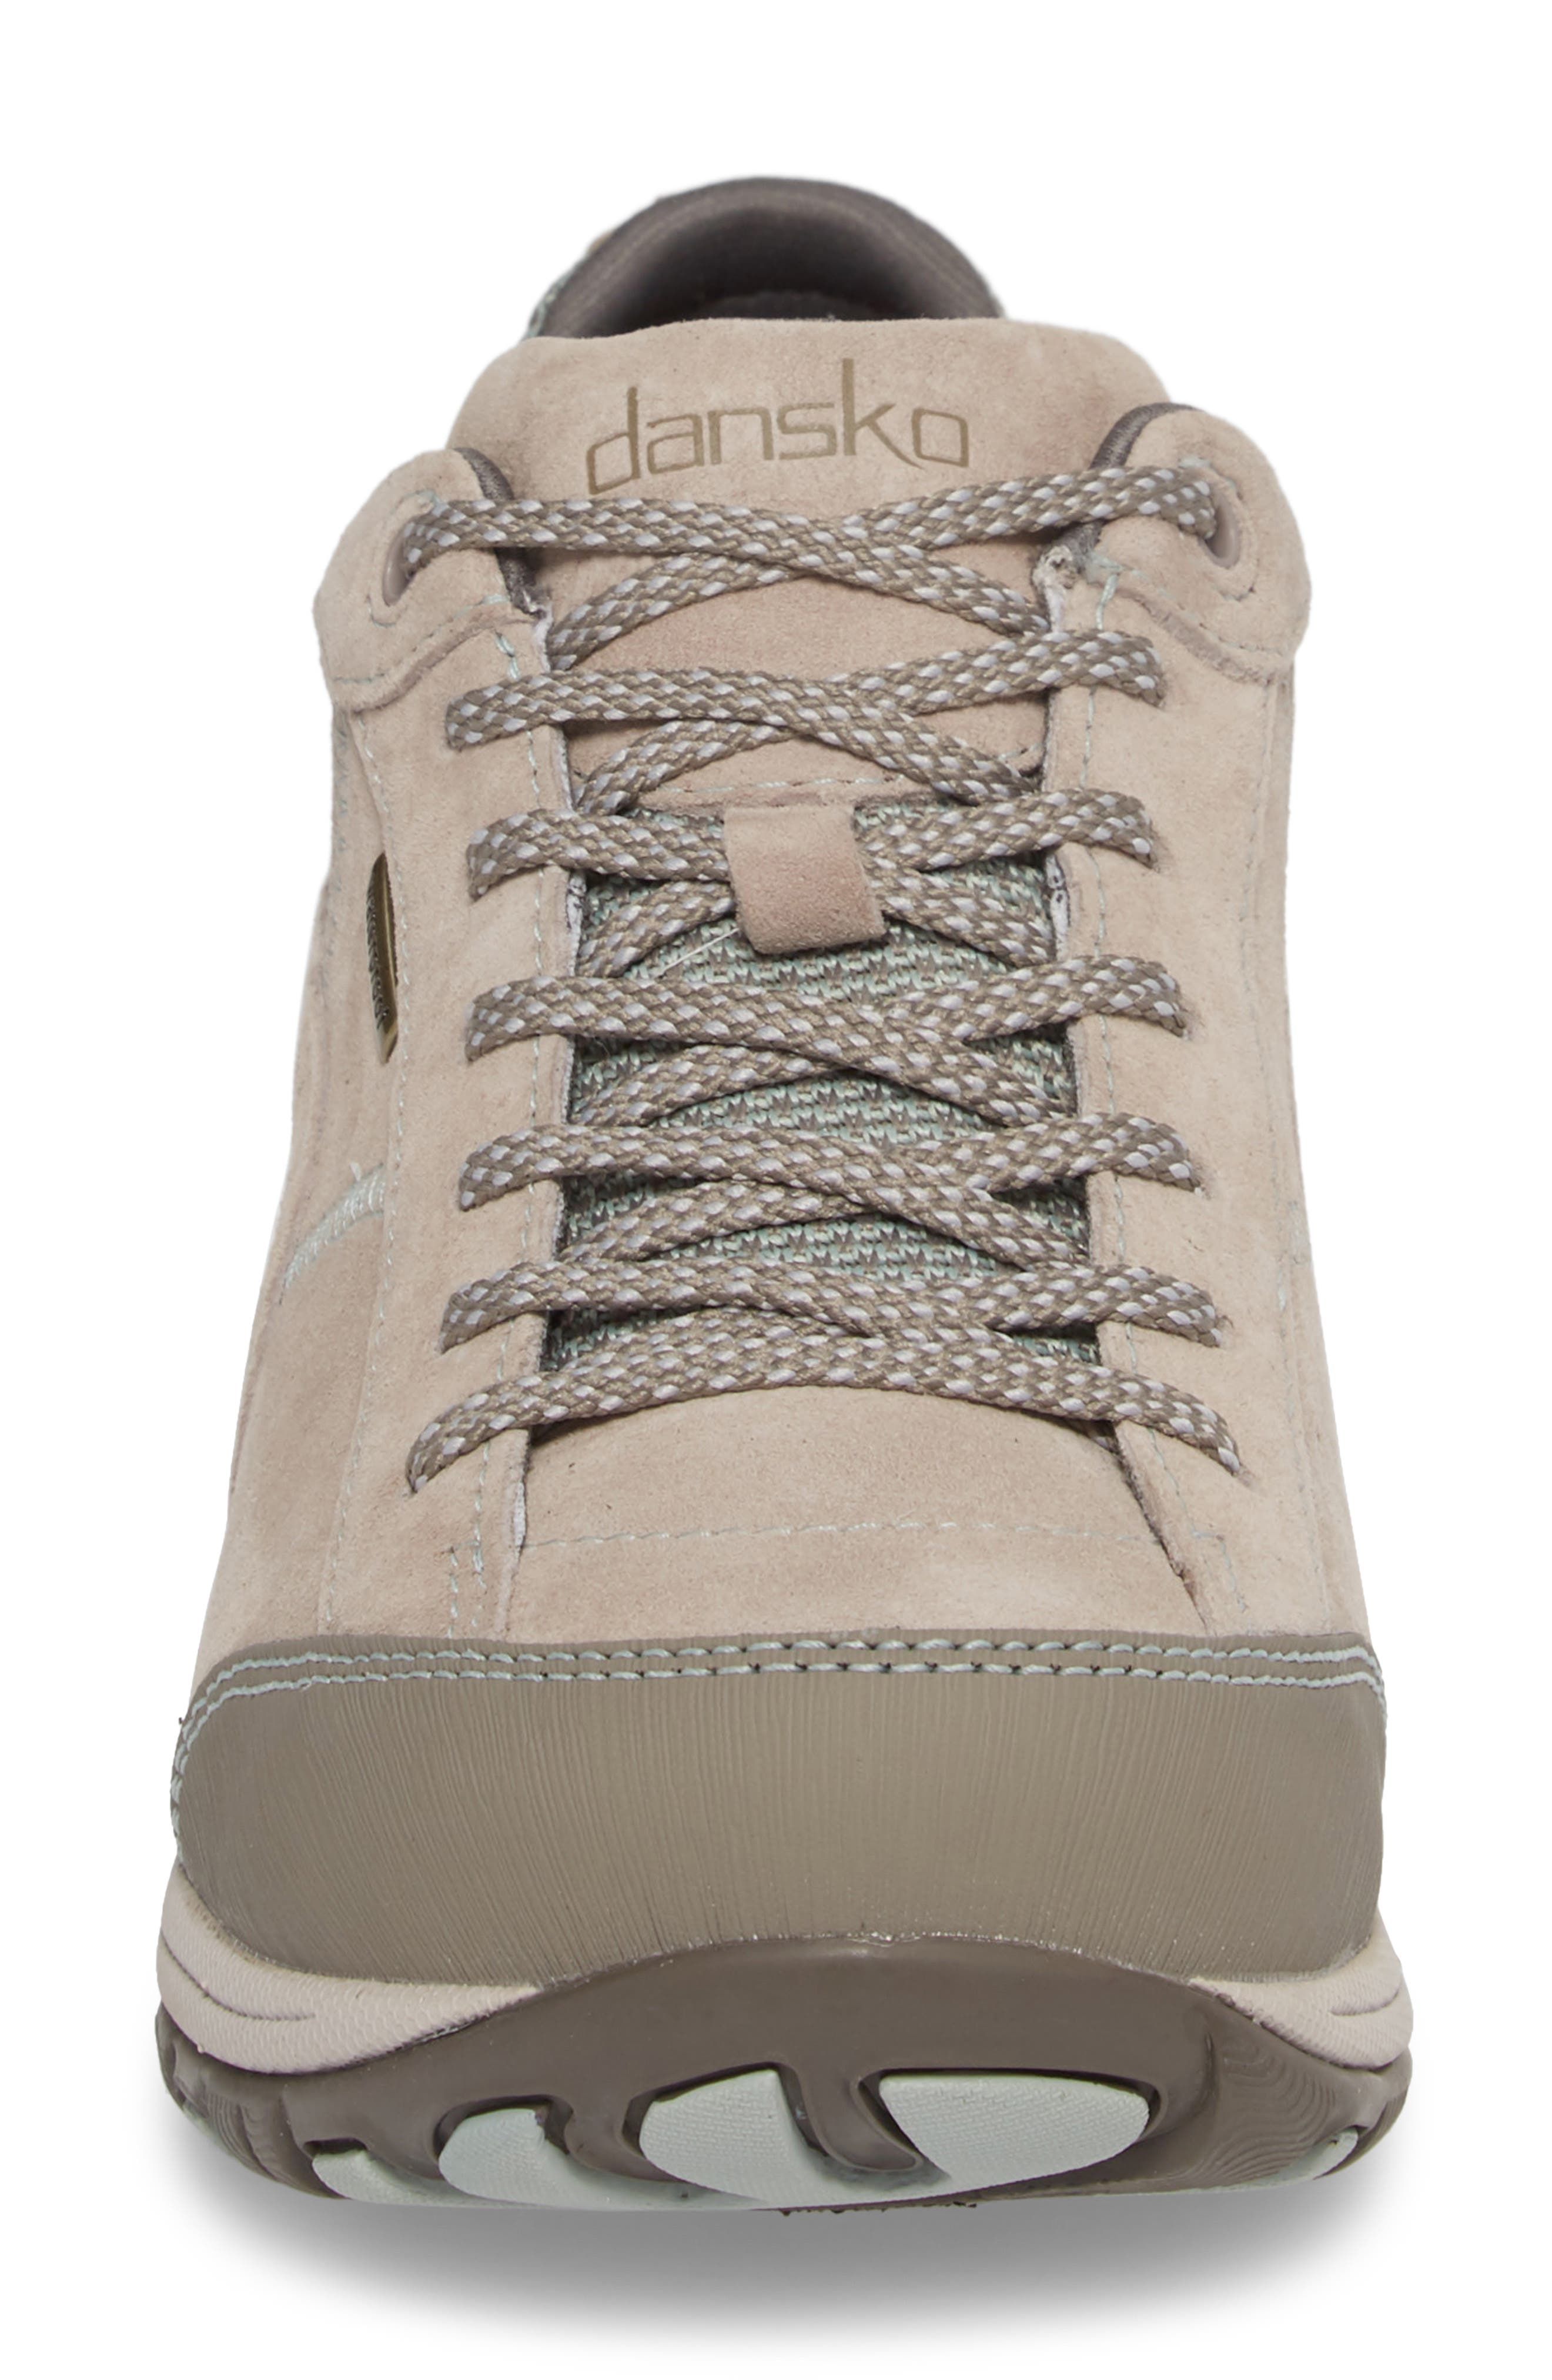 Paisley Waterproof Sneaker,                             Alternate thumbnail 4, color,                             STONE SUEDE